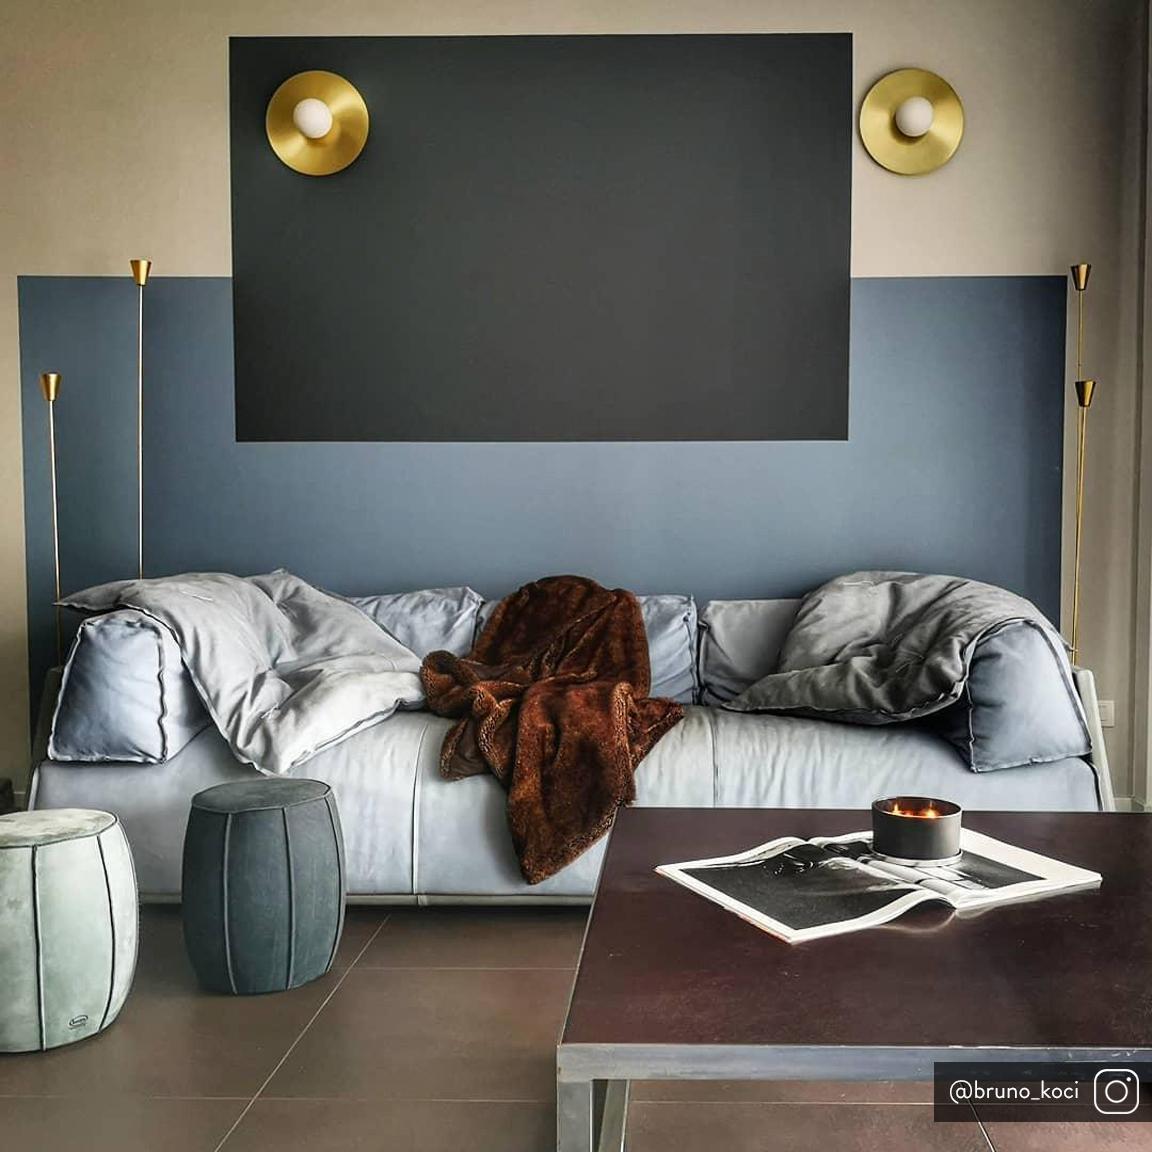 Wandleuchte Starling, Lampenschirm: Glas, Baldachin: Messingfarben, mattLampenschirm: Weiß, Ø 33 cm